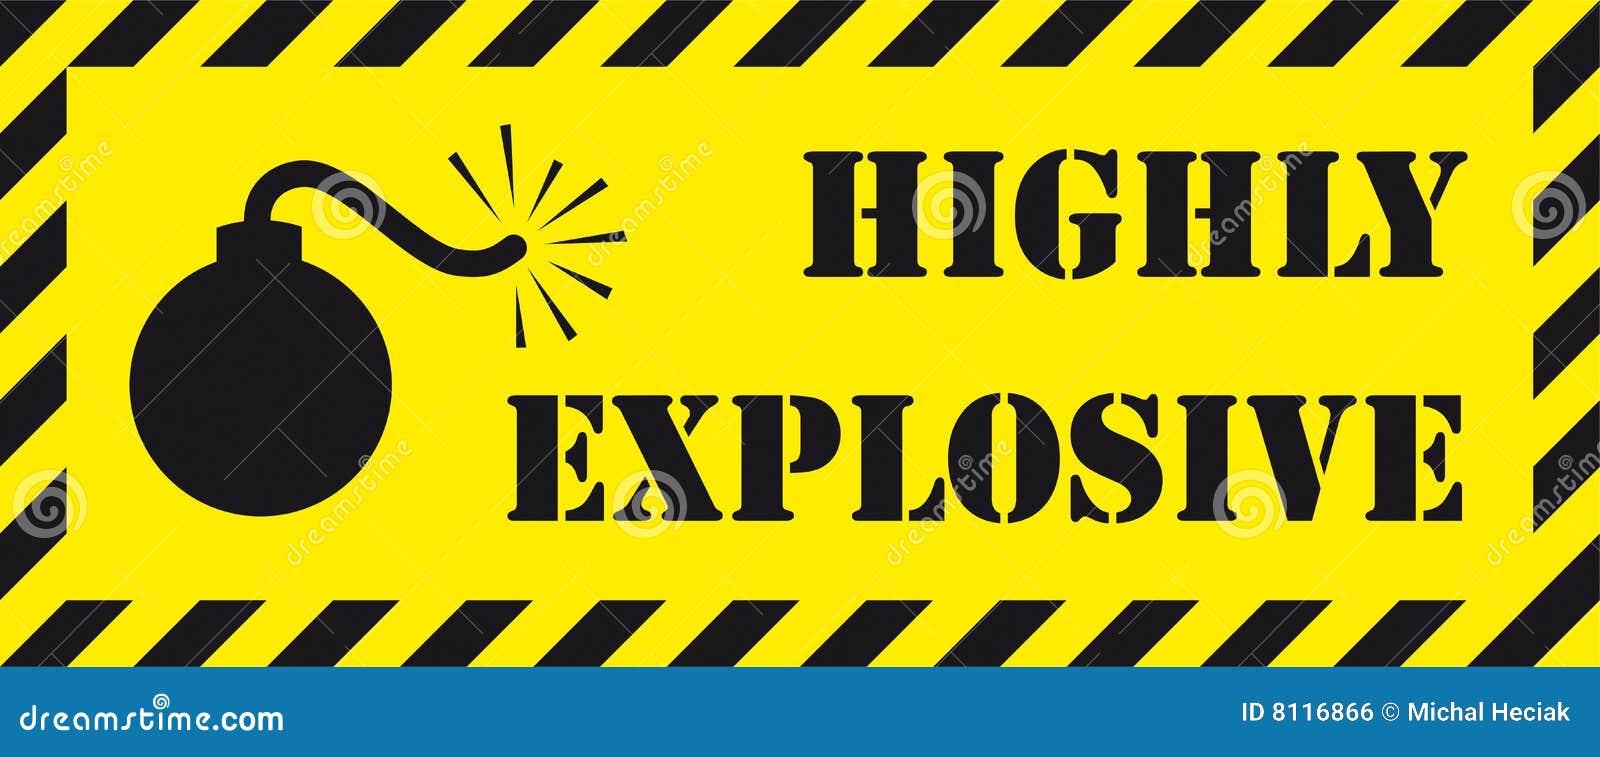 Alto insegna dell 39 esplosivo immagine stock libera da for Alto pericolo il tuo account e stato attaccato